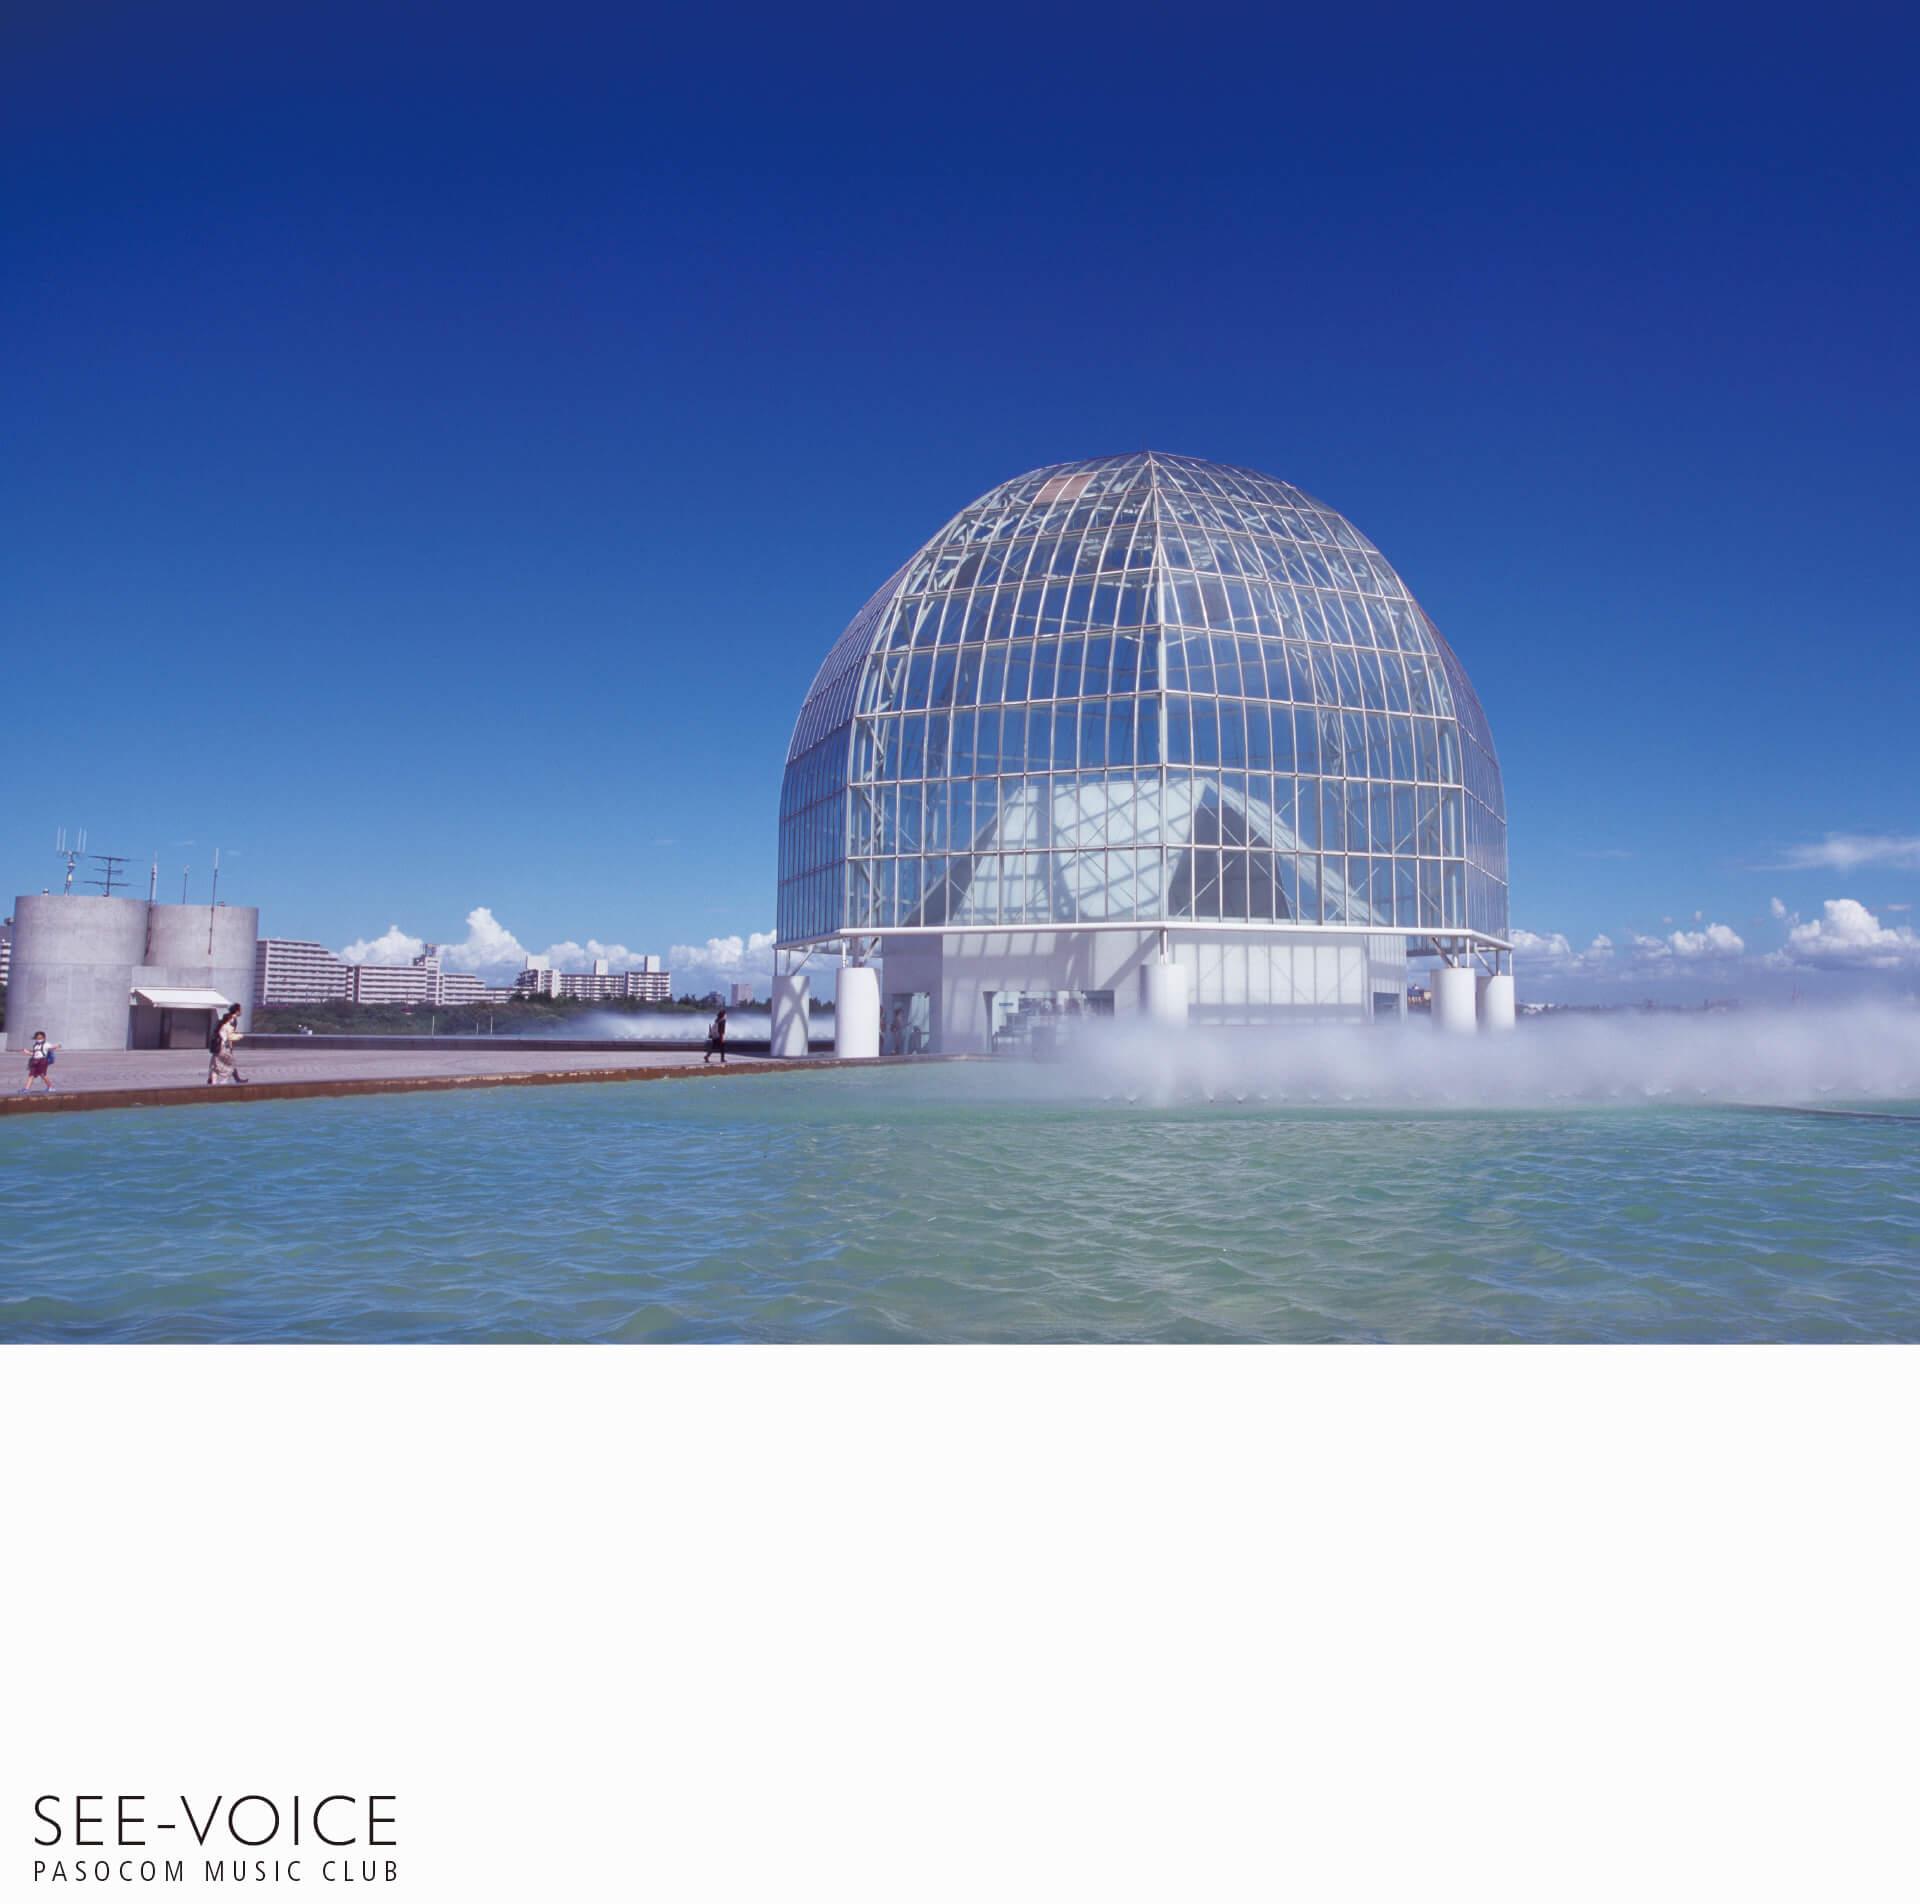 パソコン音楽クラブの3rdアルバム『See-Voice』に川辺素(ミツメ)、isagenら6名のゲストボーカルが参加! music210913_pmc_1